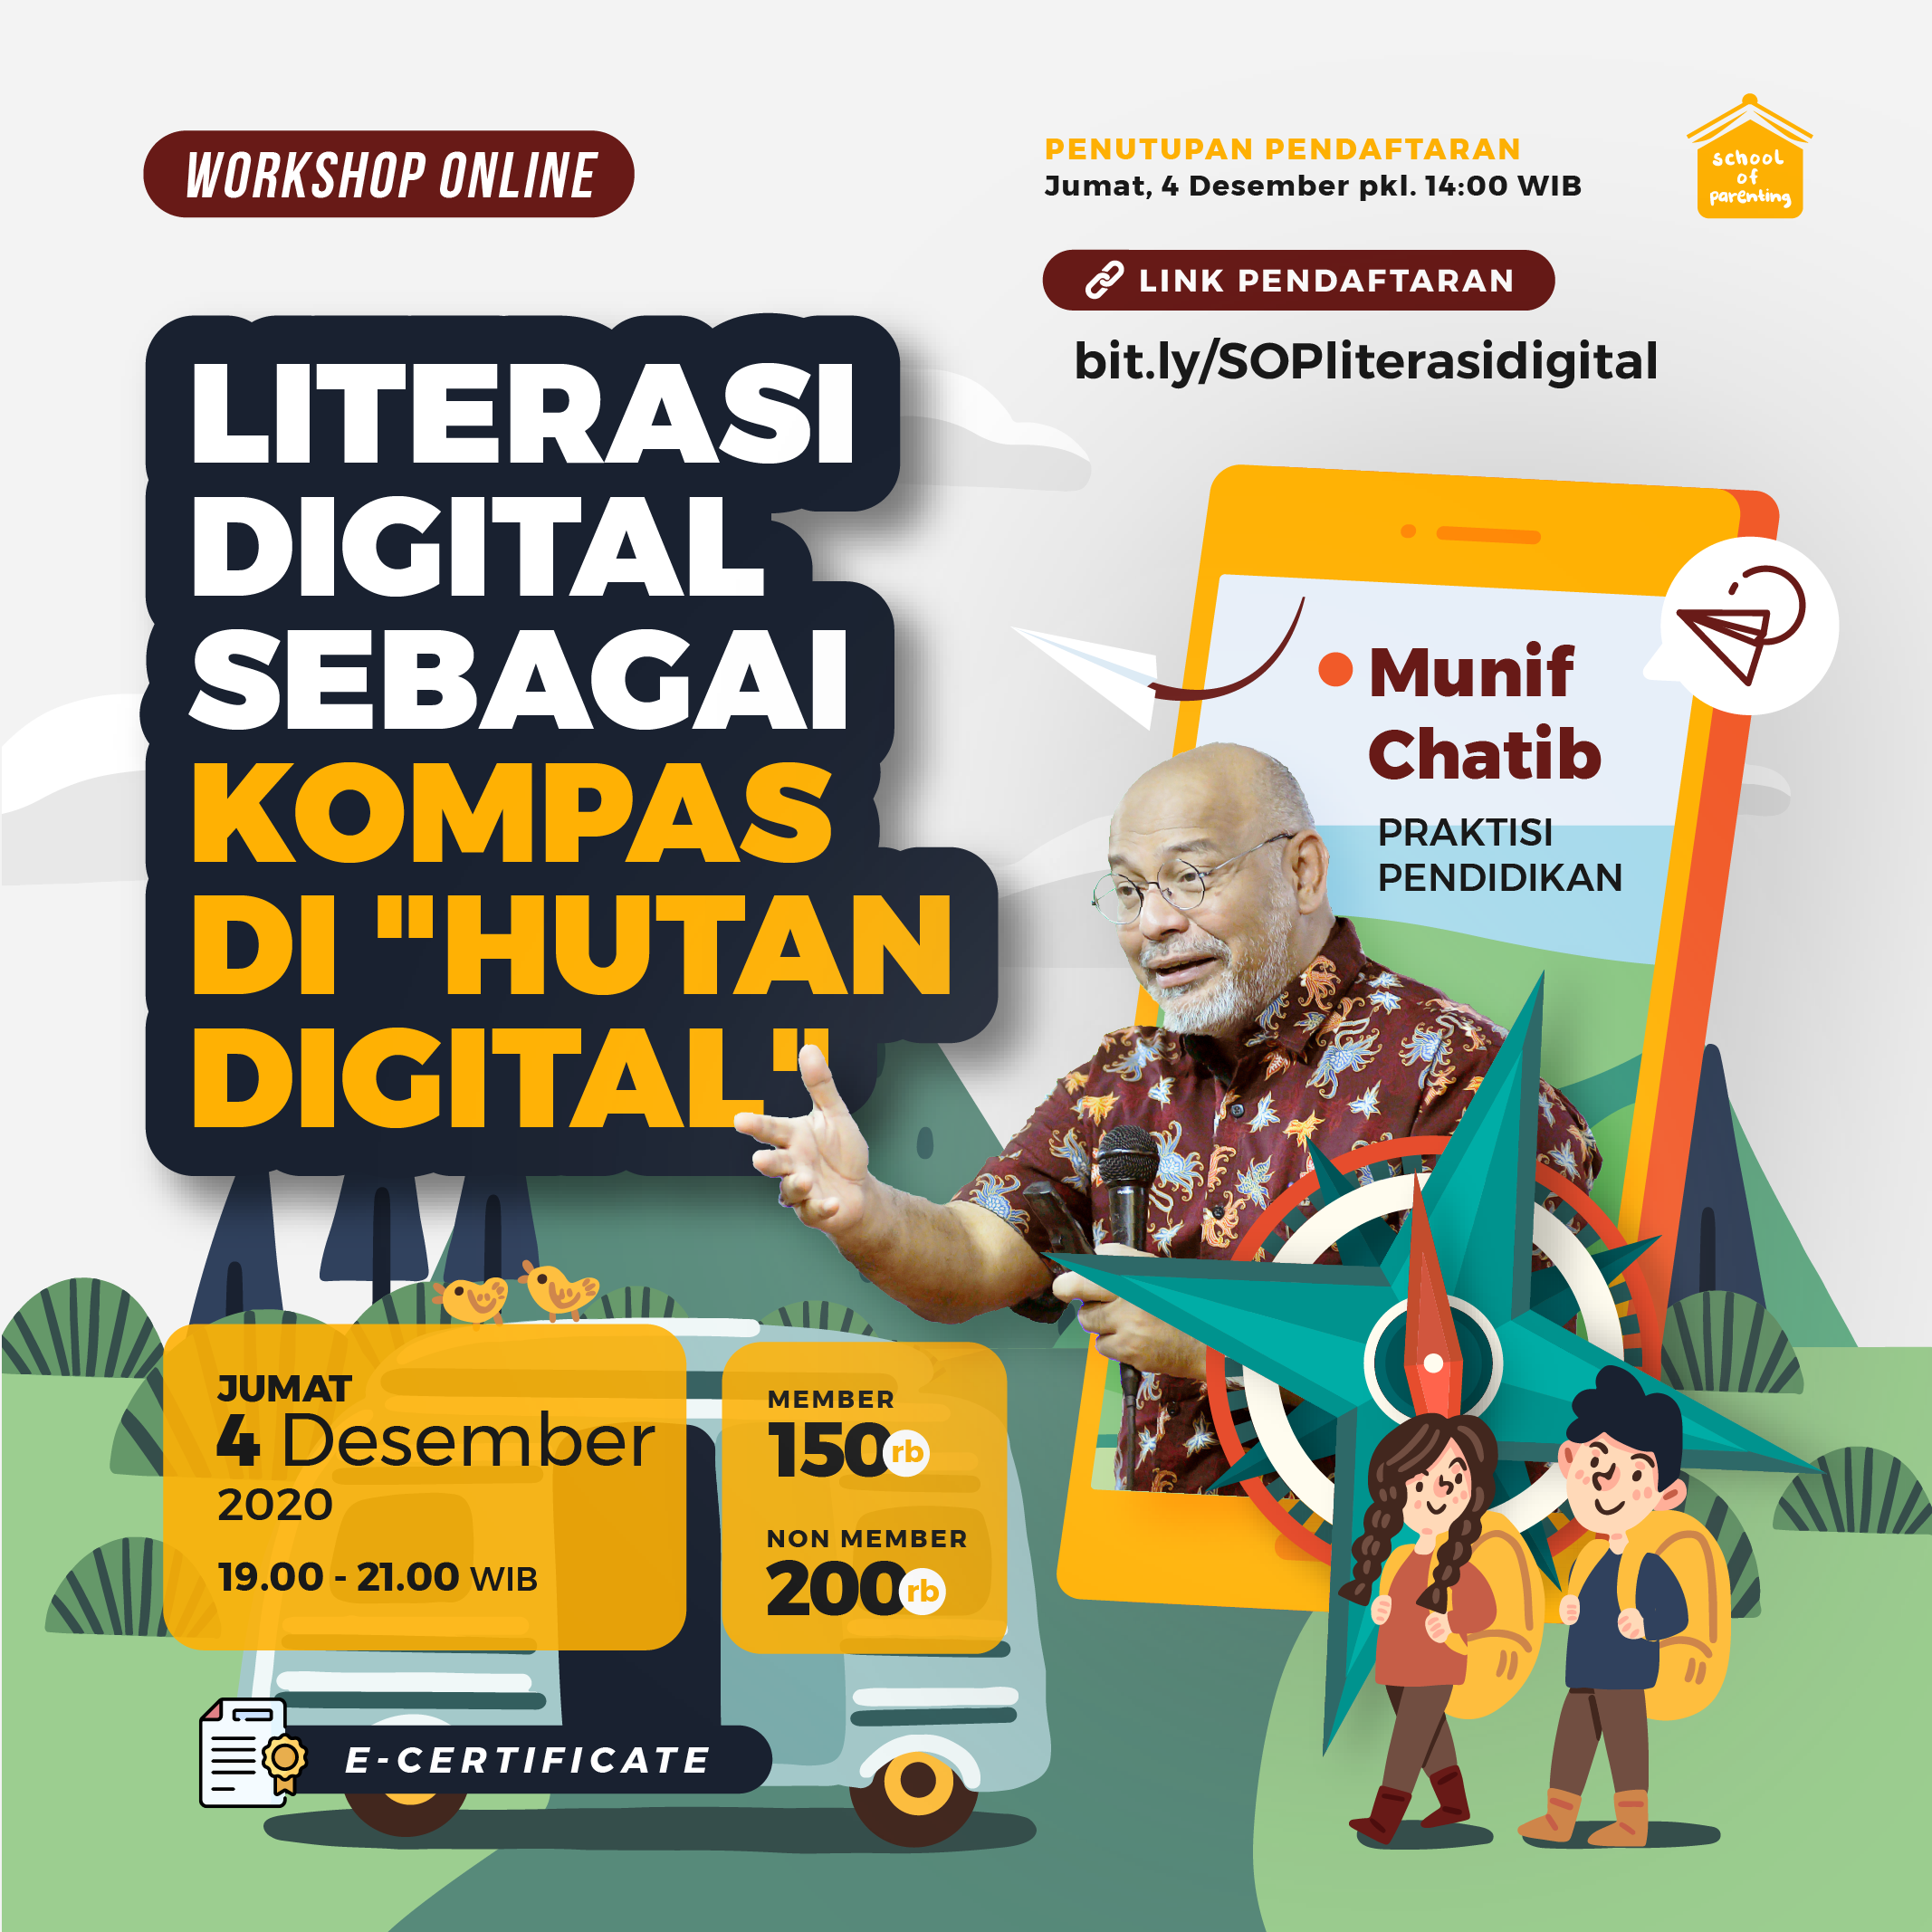 Literasi Digital Sebagai Kompas di Hutan Digital